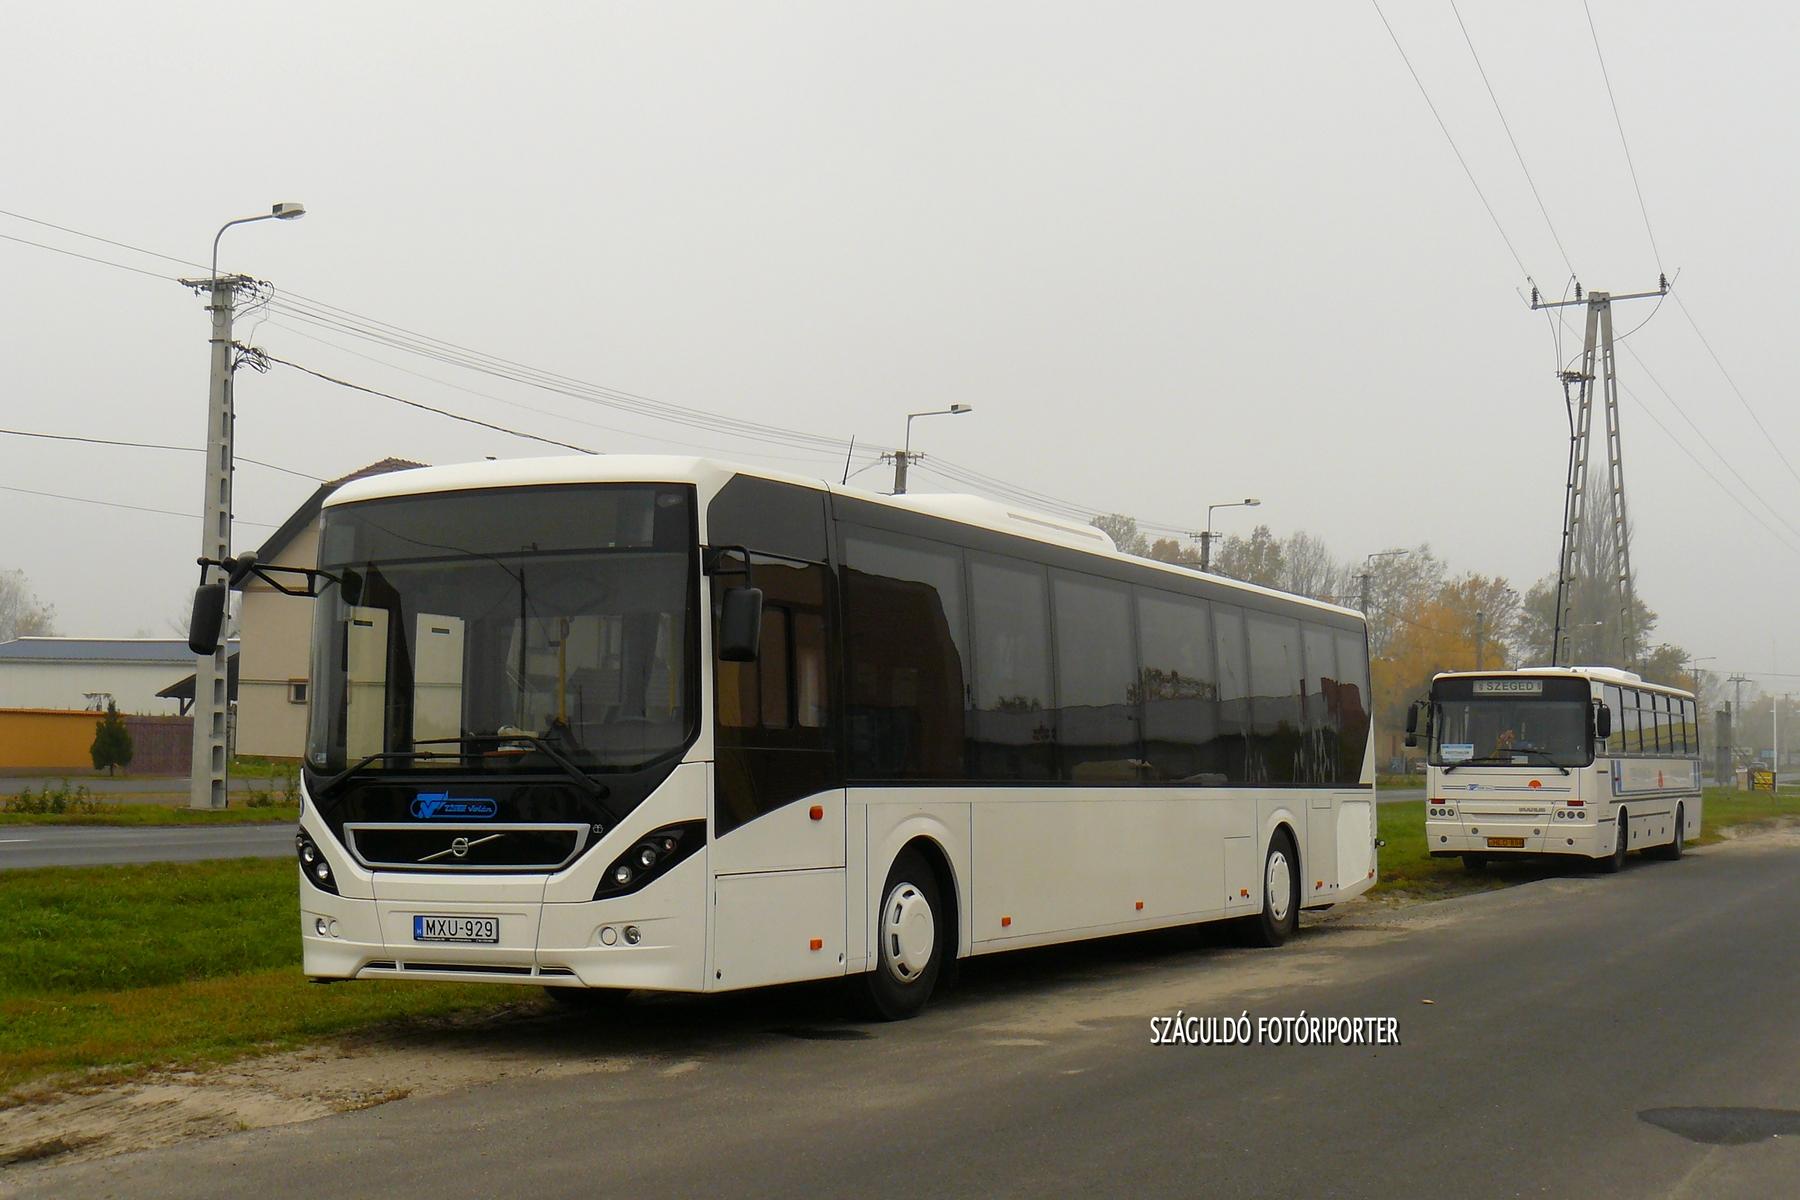 Egy újabb 13 méteres kocsi a jogelőd Tisza Volán színeiben